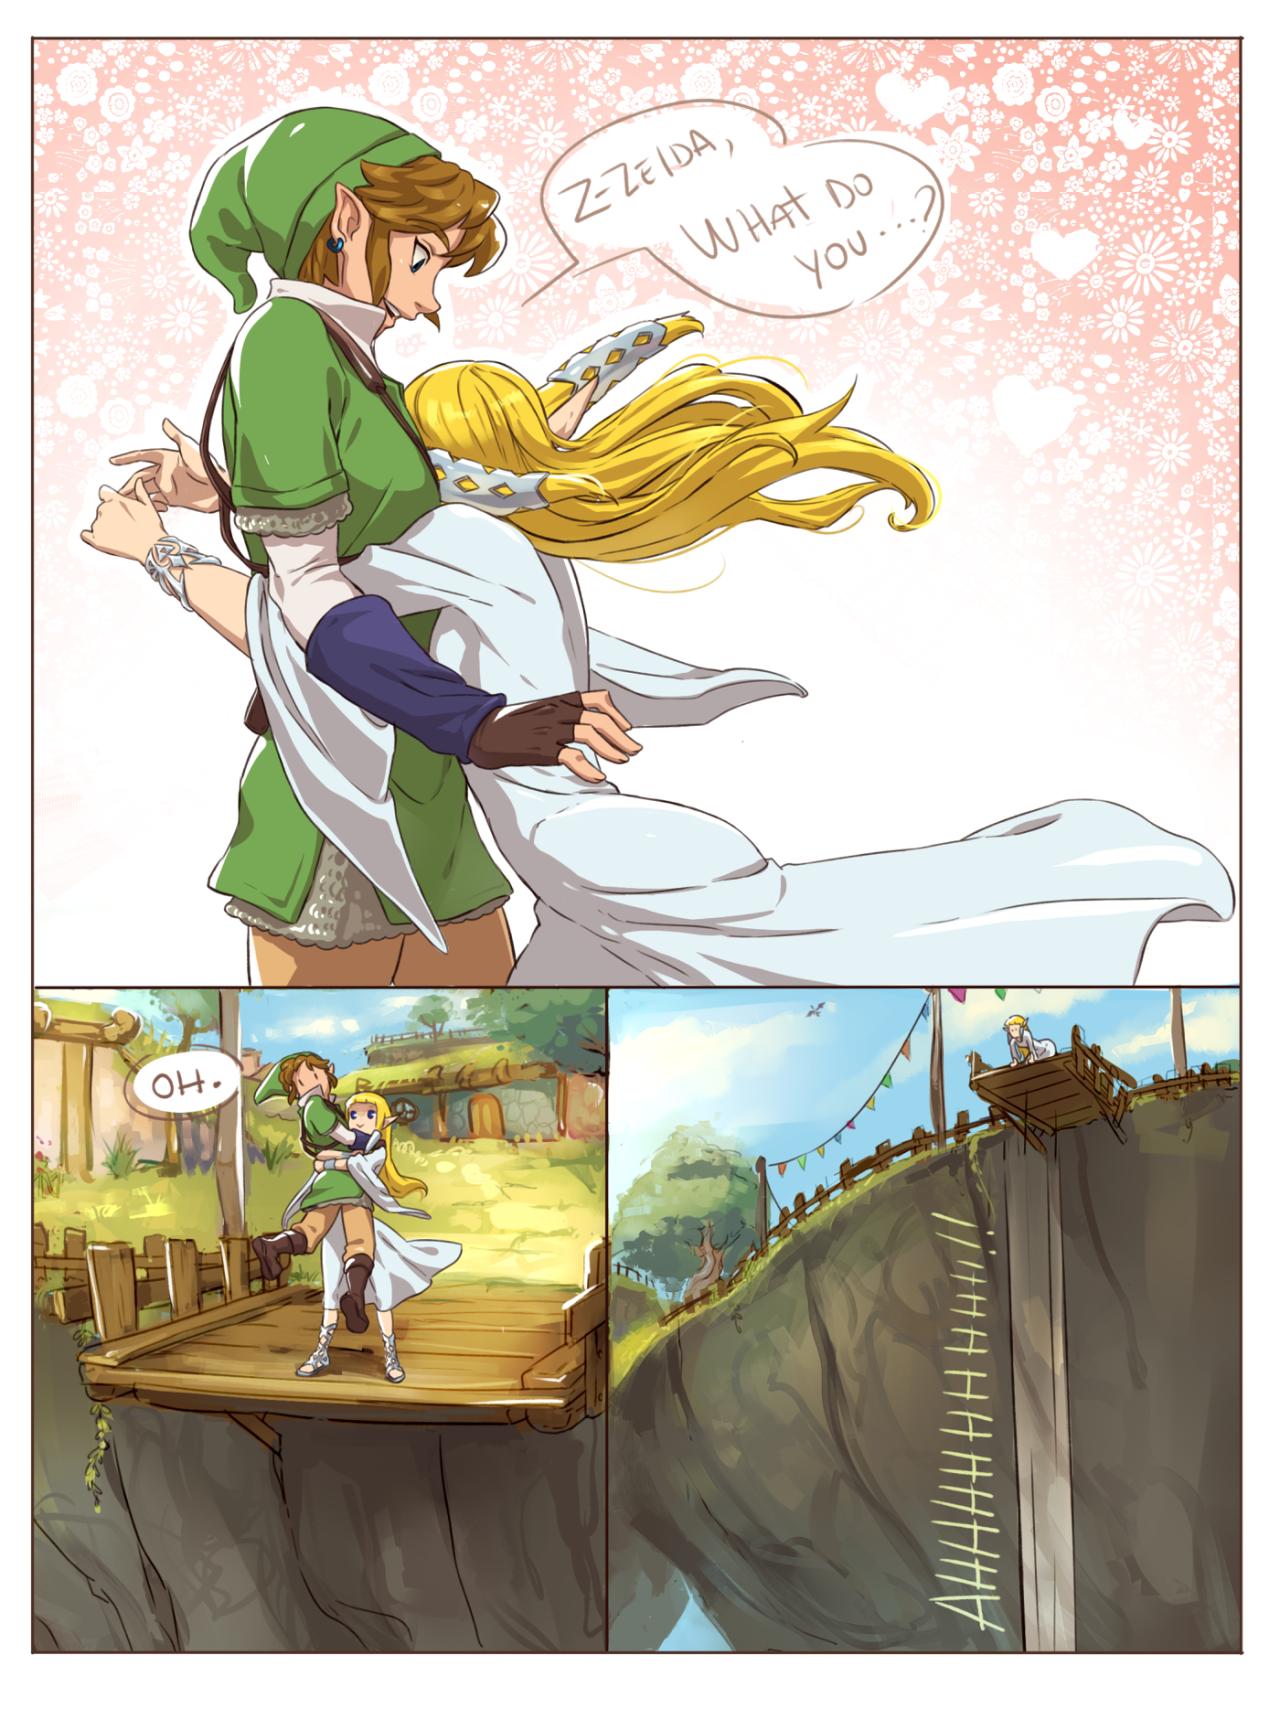 Legend of zelda link and zelda